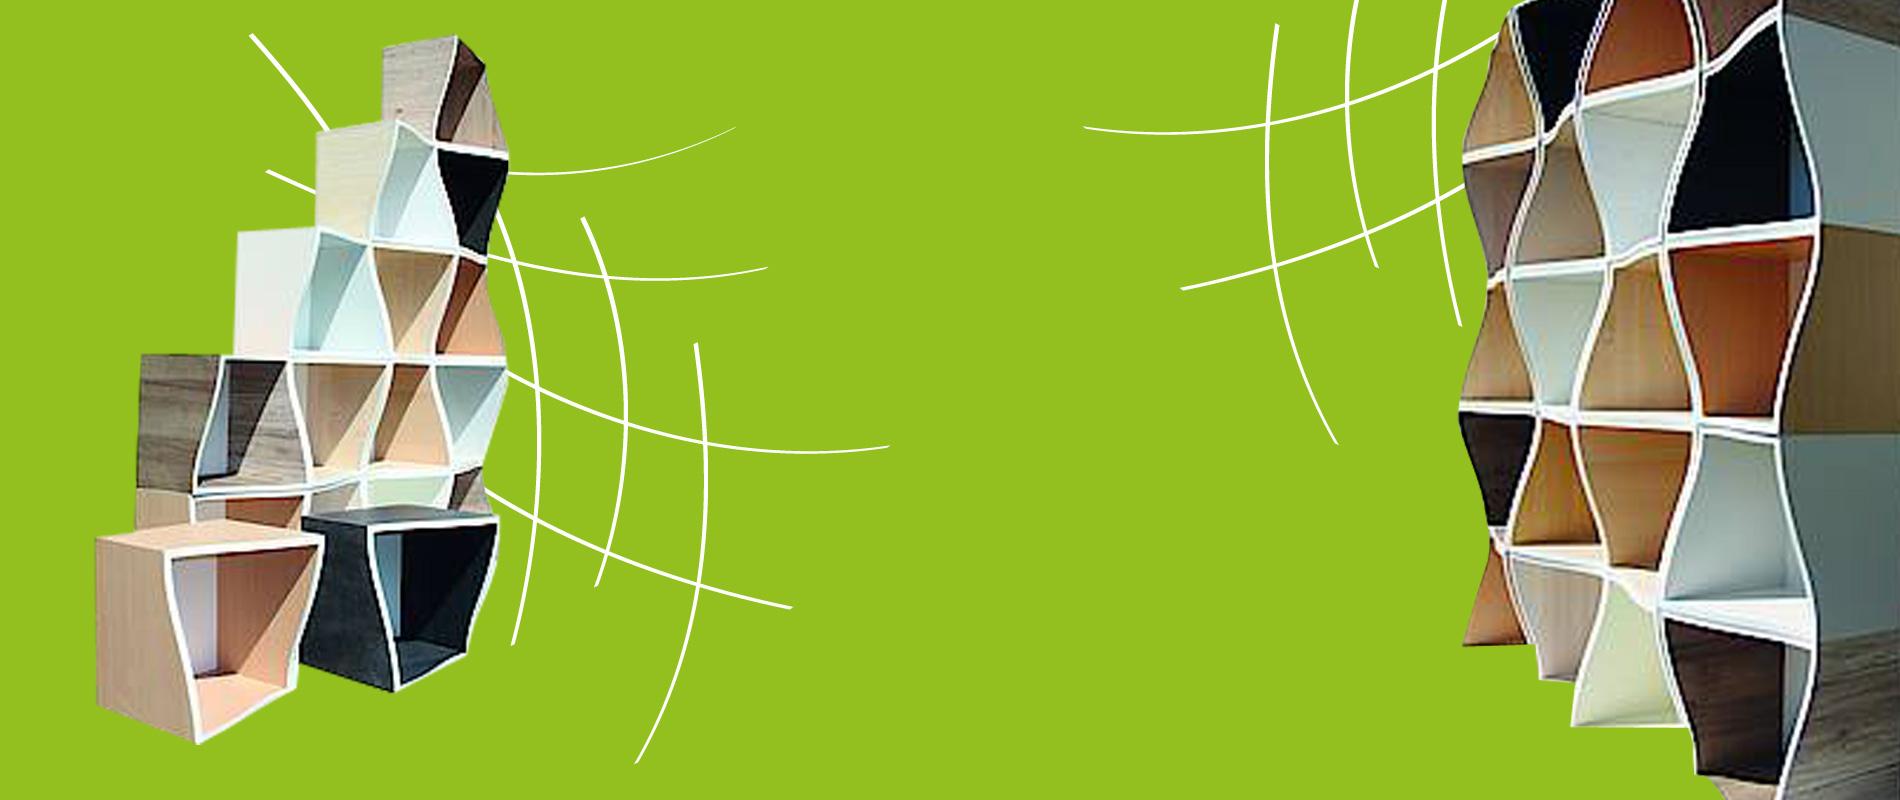 Full Size of Regal Frank Recyclingbrse Arbeitskreis Recycling Ev Regale Weiß Gebrauchte Küche Verkaufen Roller Dvd Schulte Kaufen Selber Bauen Cd Holz Amazon Fenster Obi Regal Gebrauchte Regale